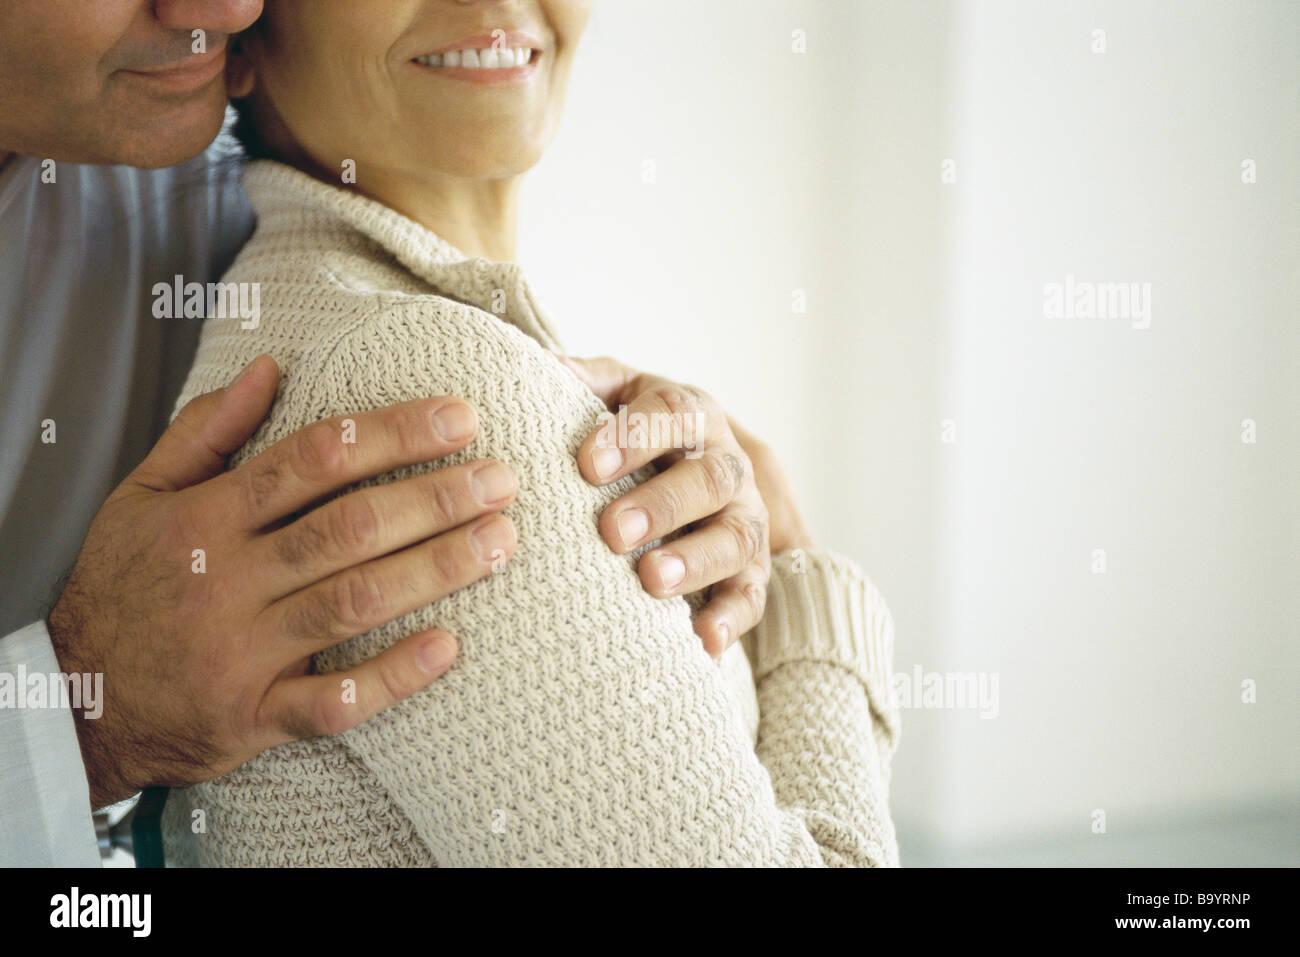 Mann umfassenden Frau von hinten, beschnitten Nahaufnahme